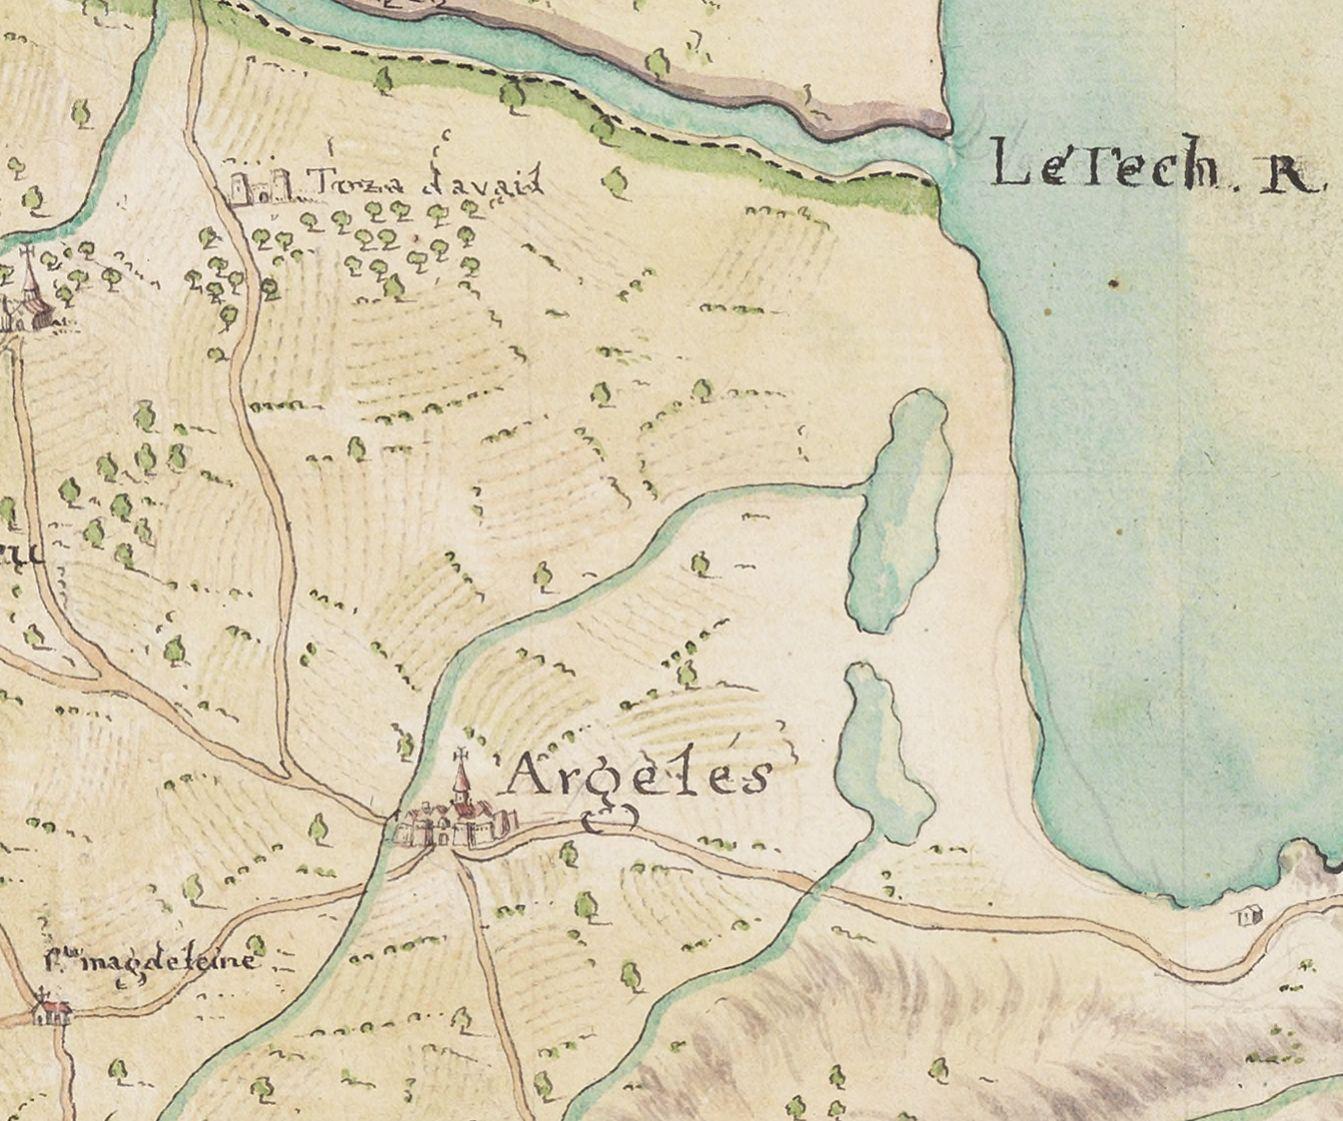 12 1748 carte militaire de la province du roussillon - Le Racou vu d'en haut - Cartes géographiques